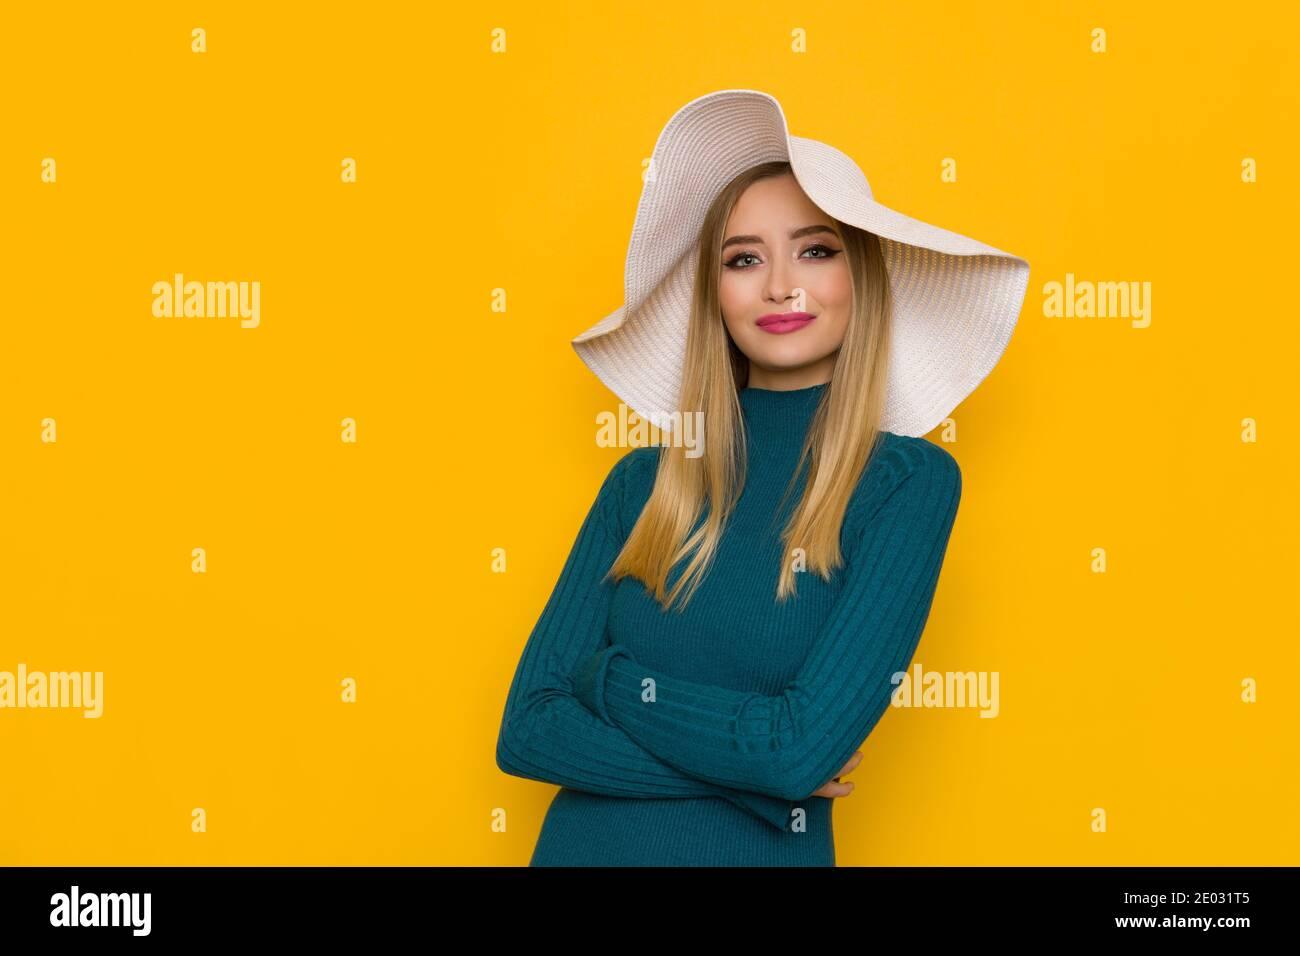 Hermosa mujer joven en blanco sombrero de sol y el suéter teal está posando con los brazos cruzados. Estudio de cintura arriba sobre fondo amarillo. Foto de stock